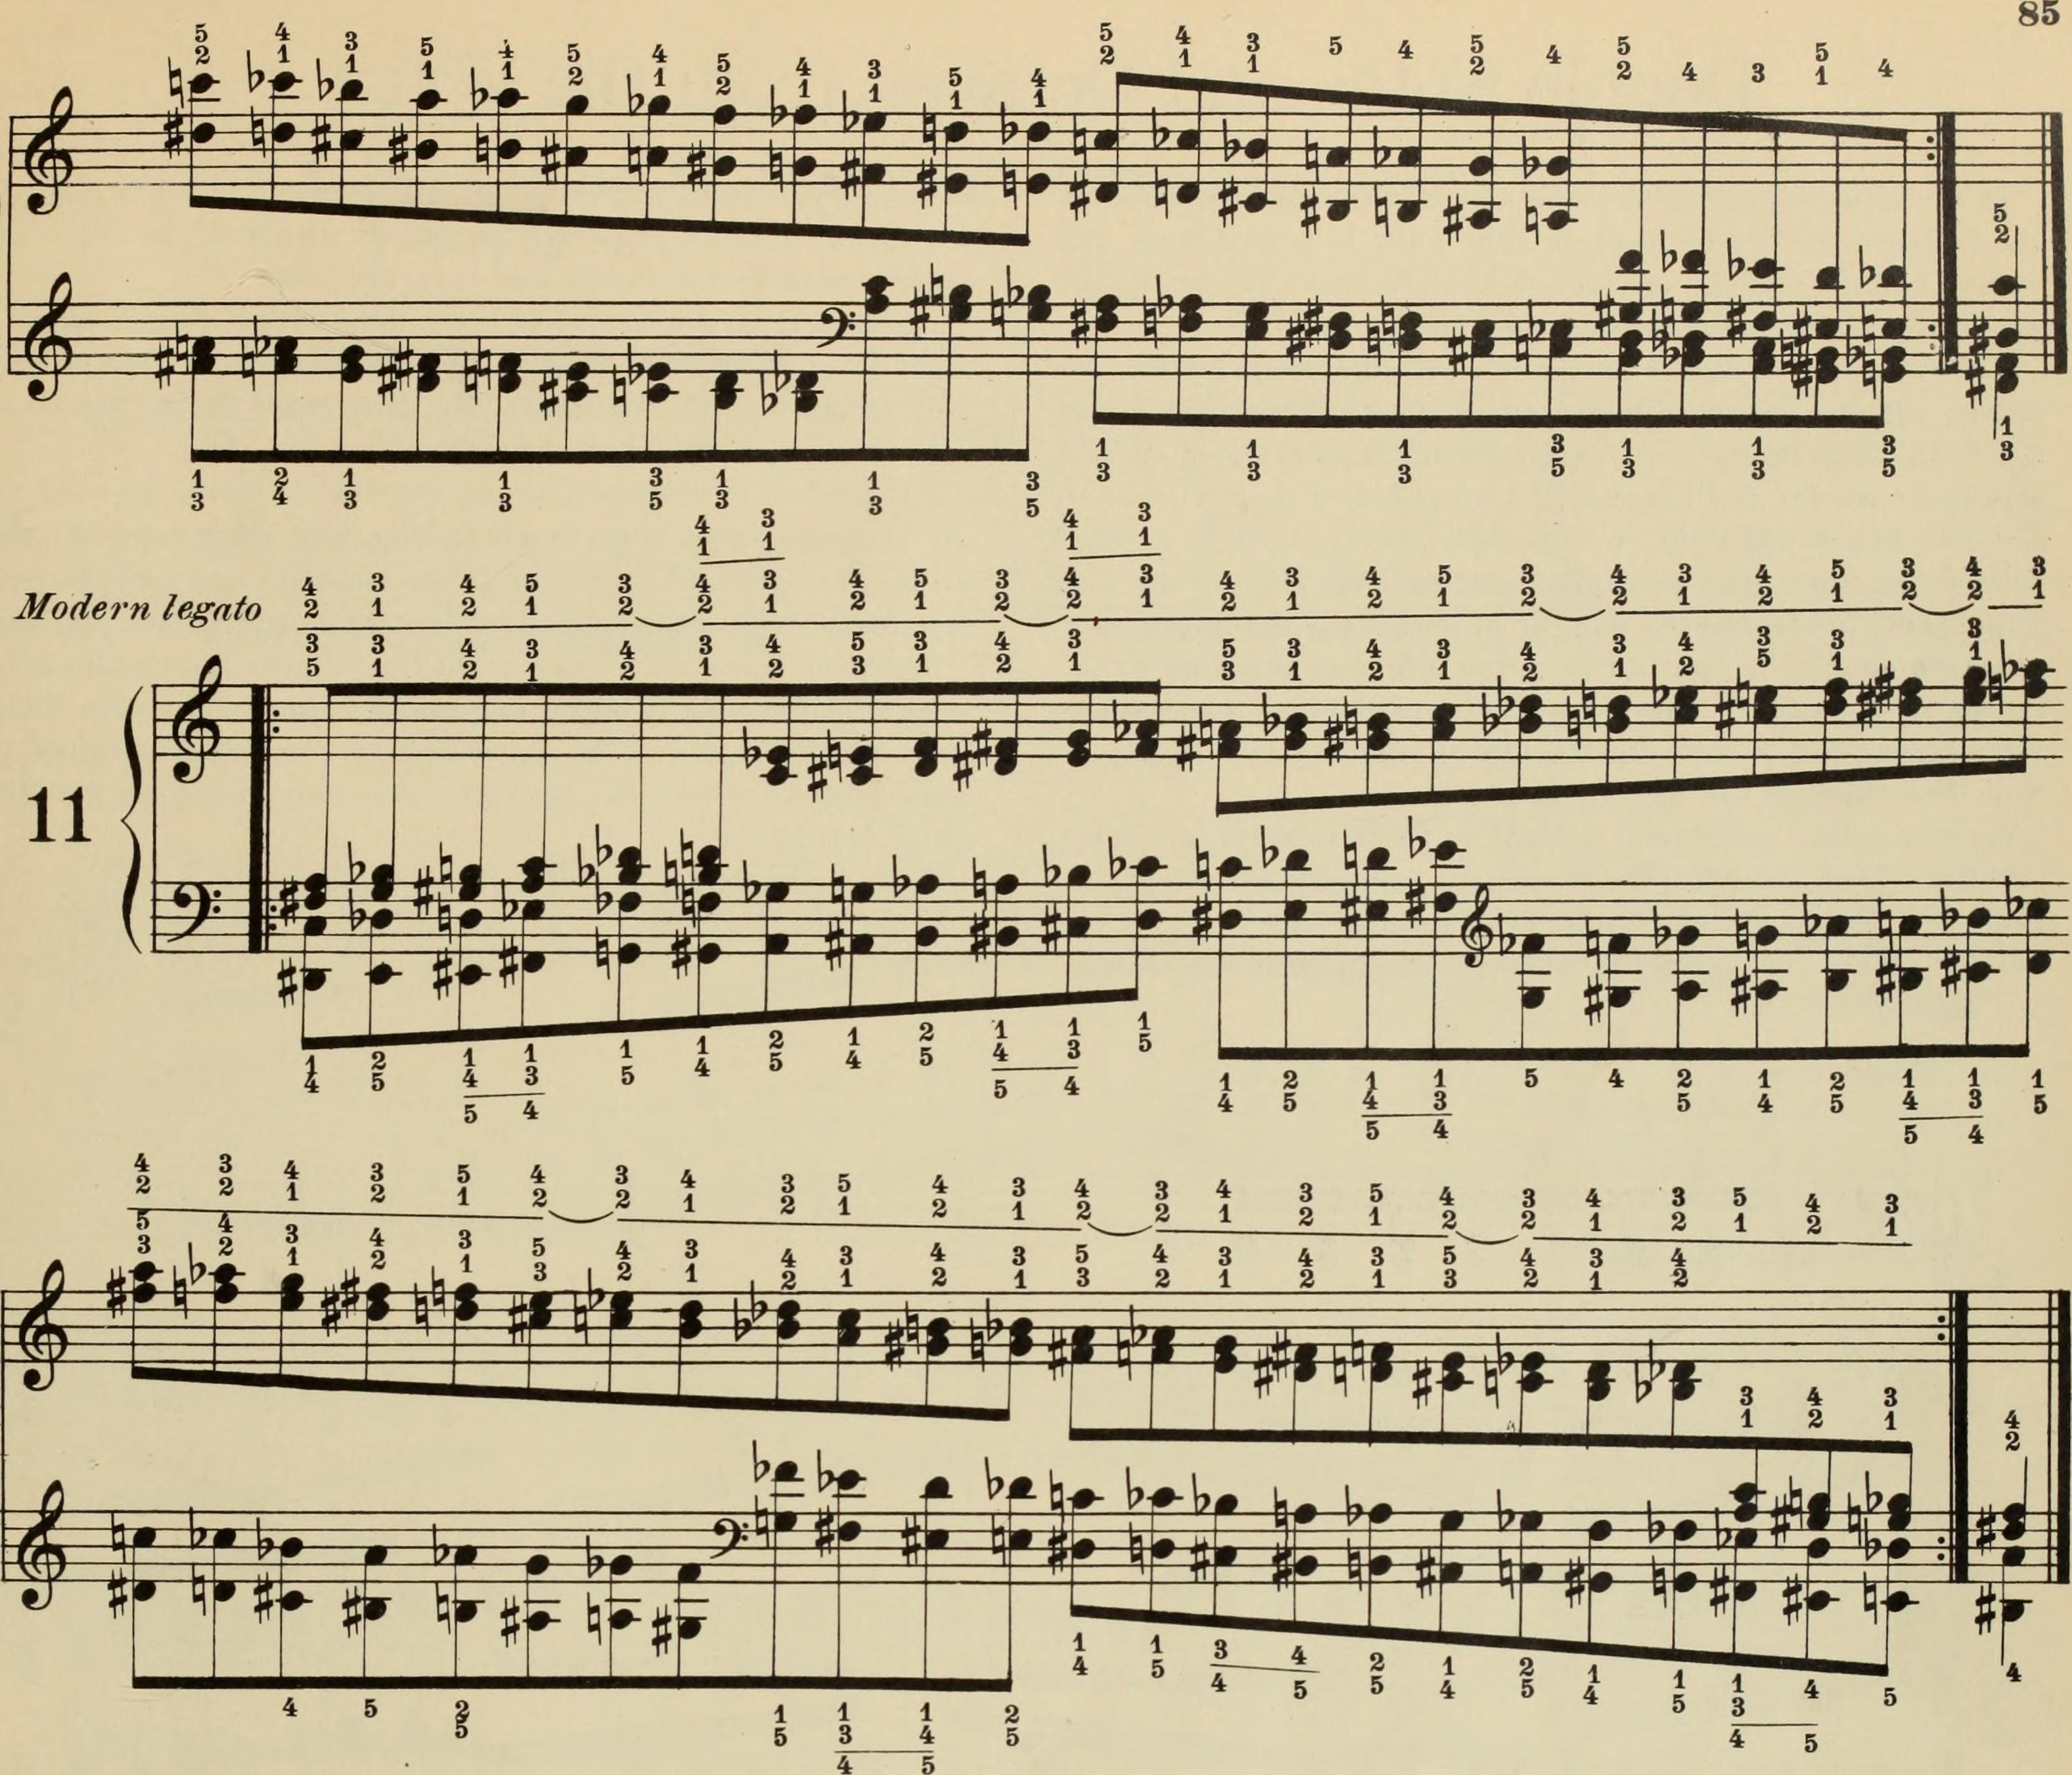 File:Complete school of technic for the pianoforte